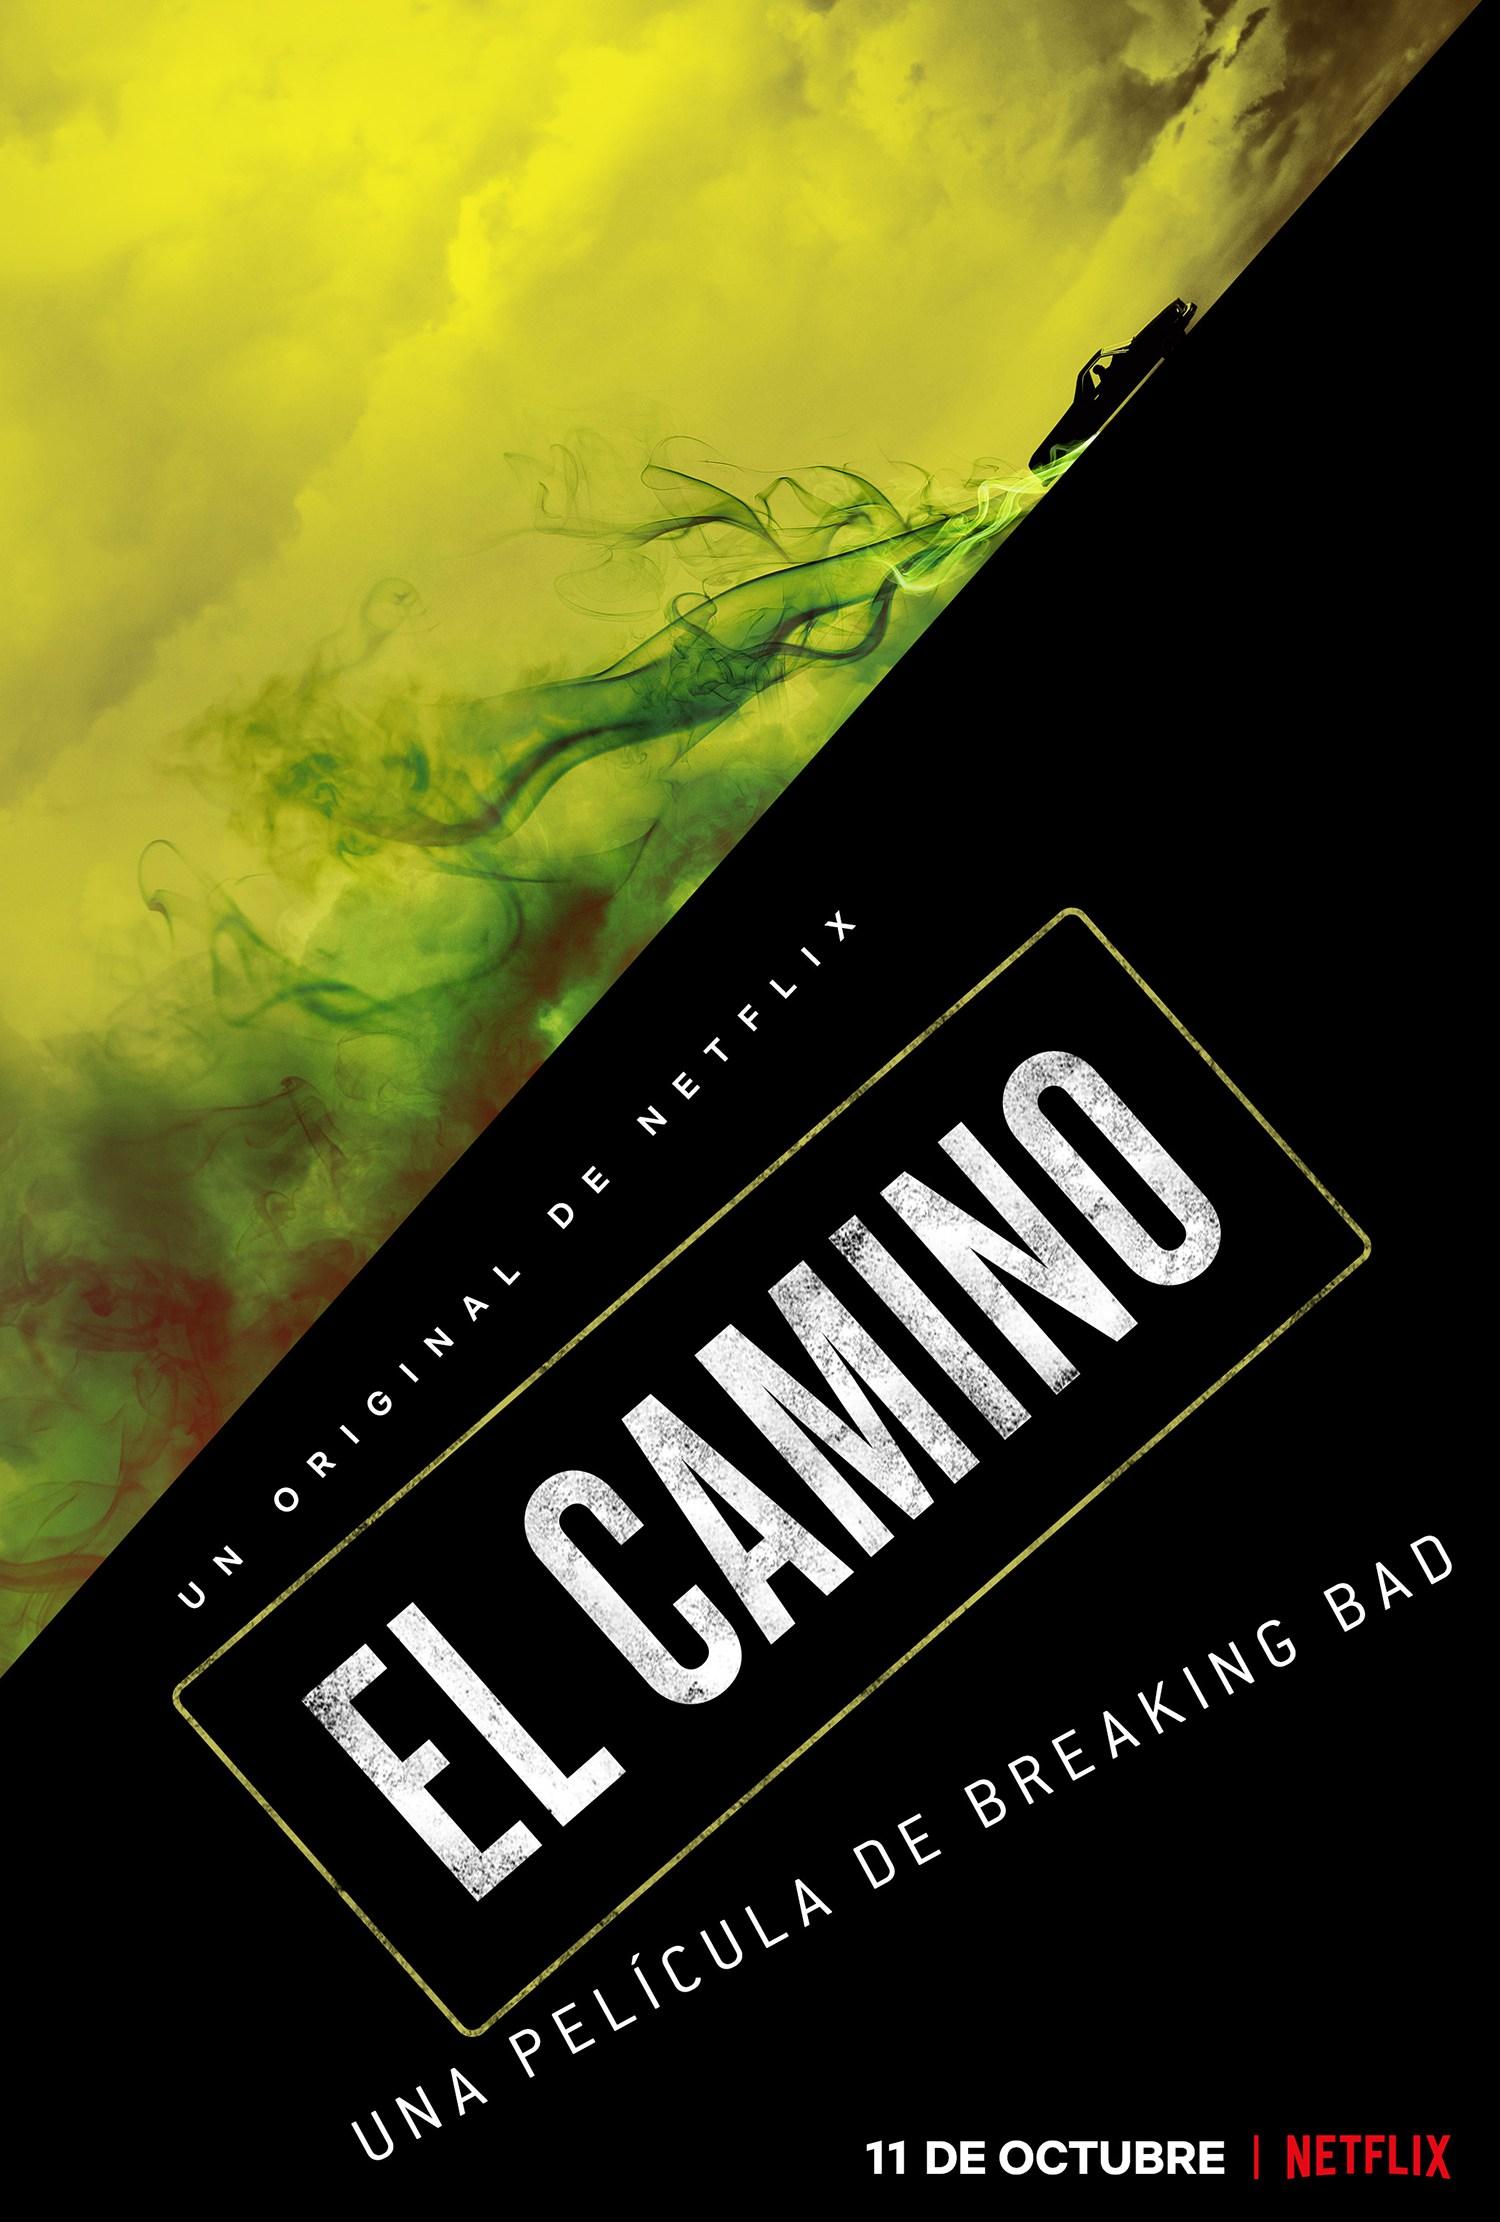 Poster de El Camino: A Breaking Bad Movie